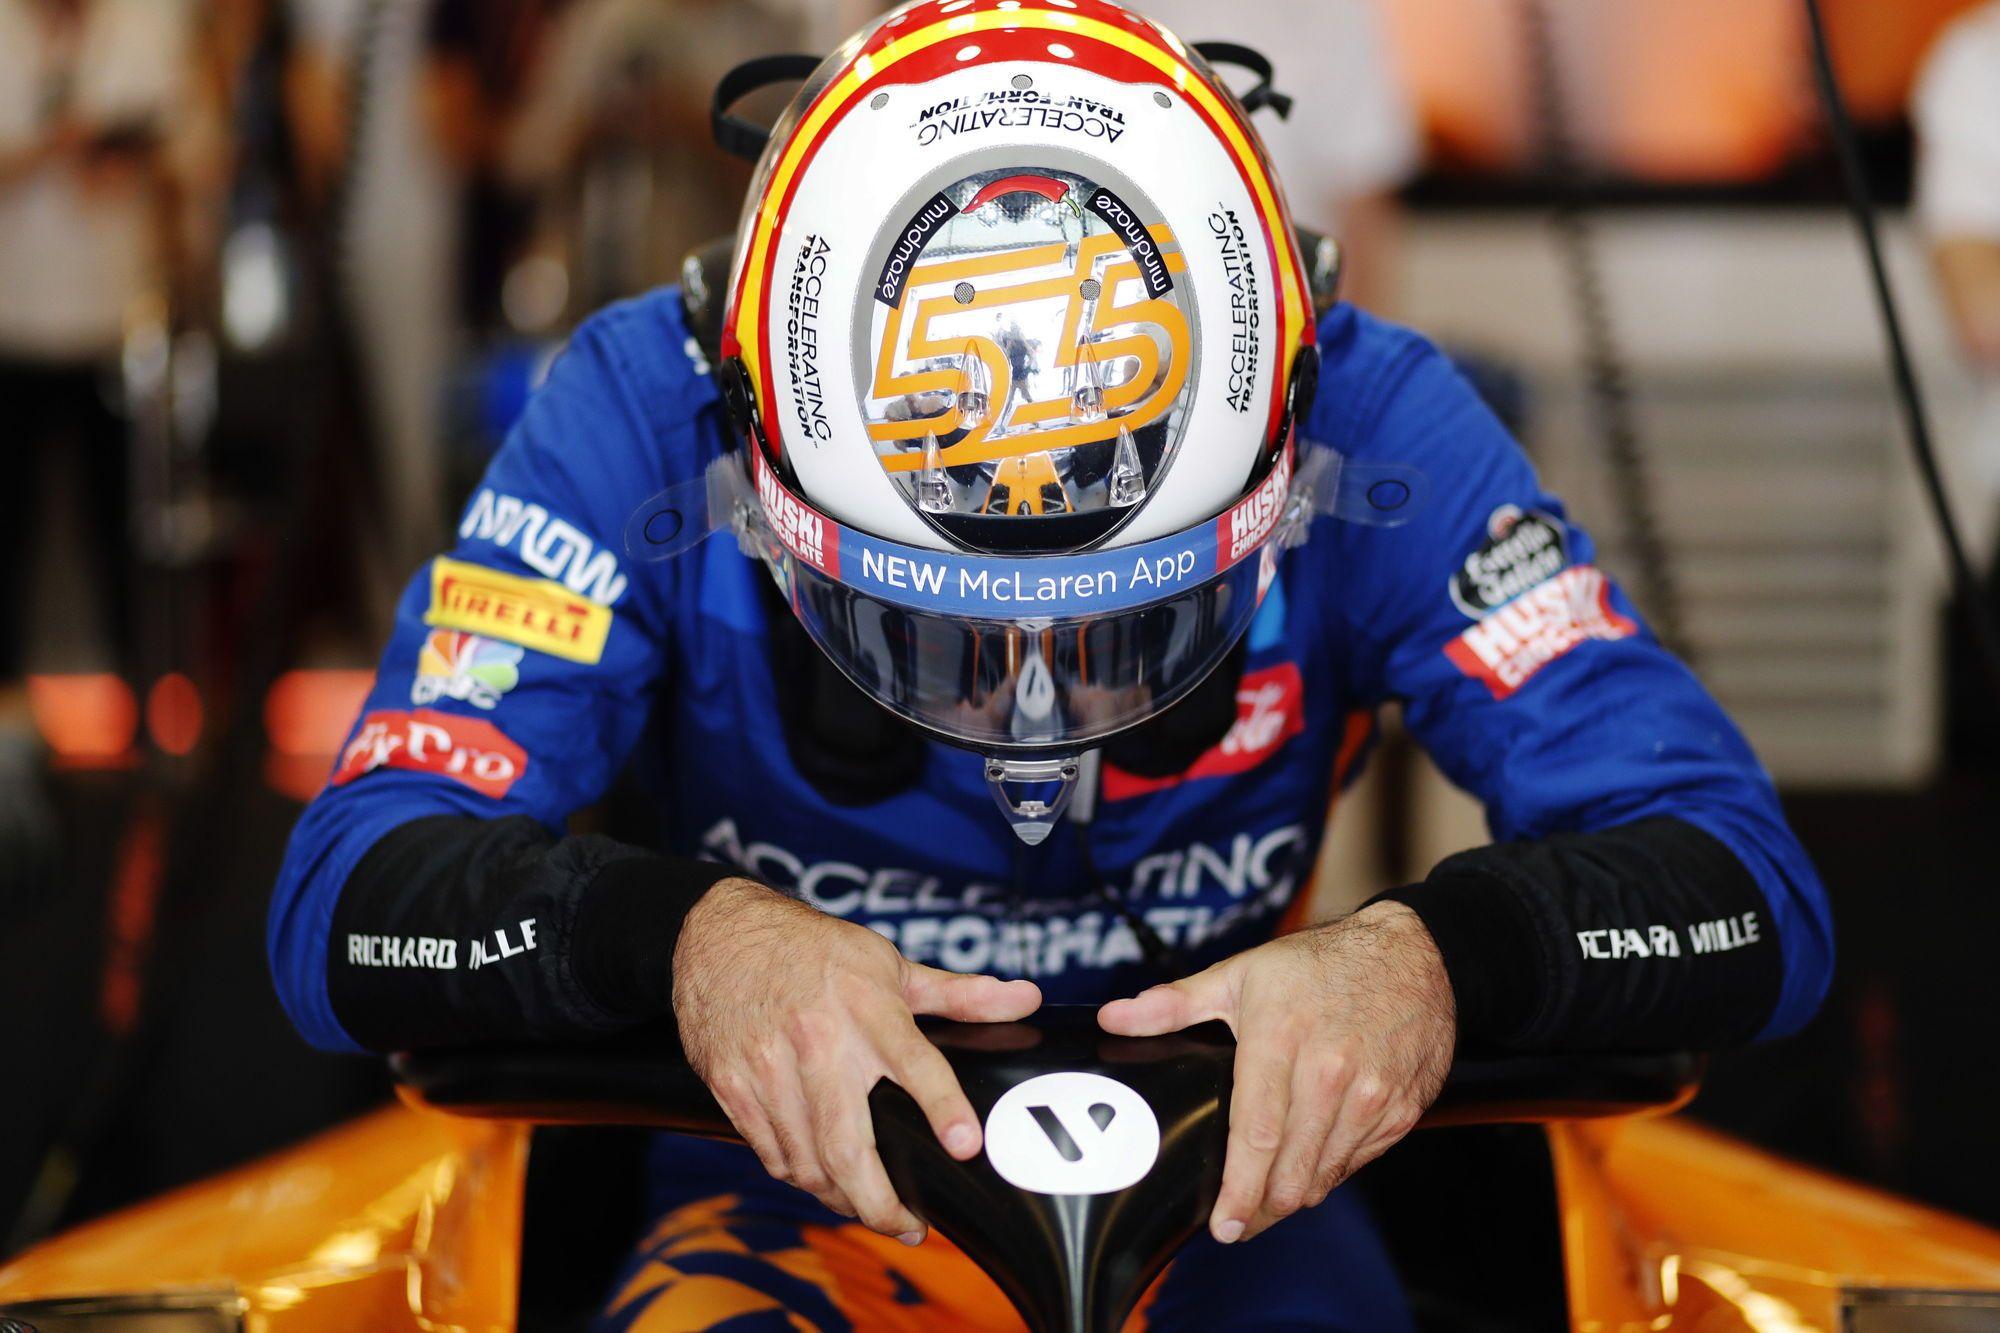 C. Sainzas liko nusivylęs savo pasirodymu kvalifikacijoje